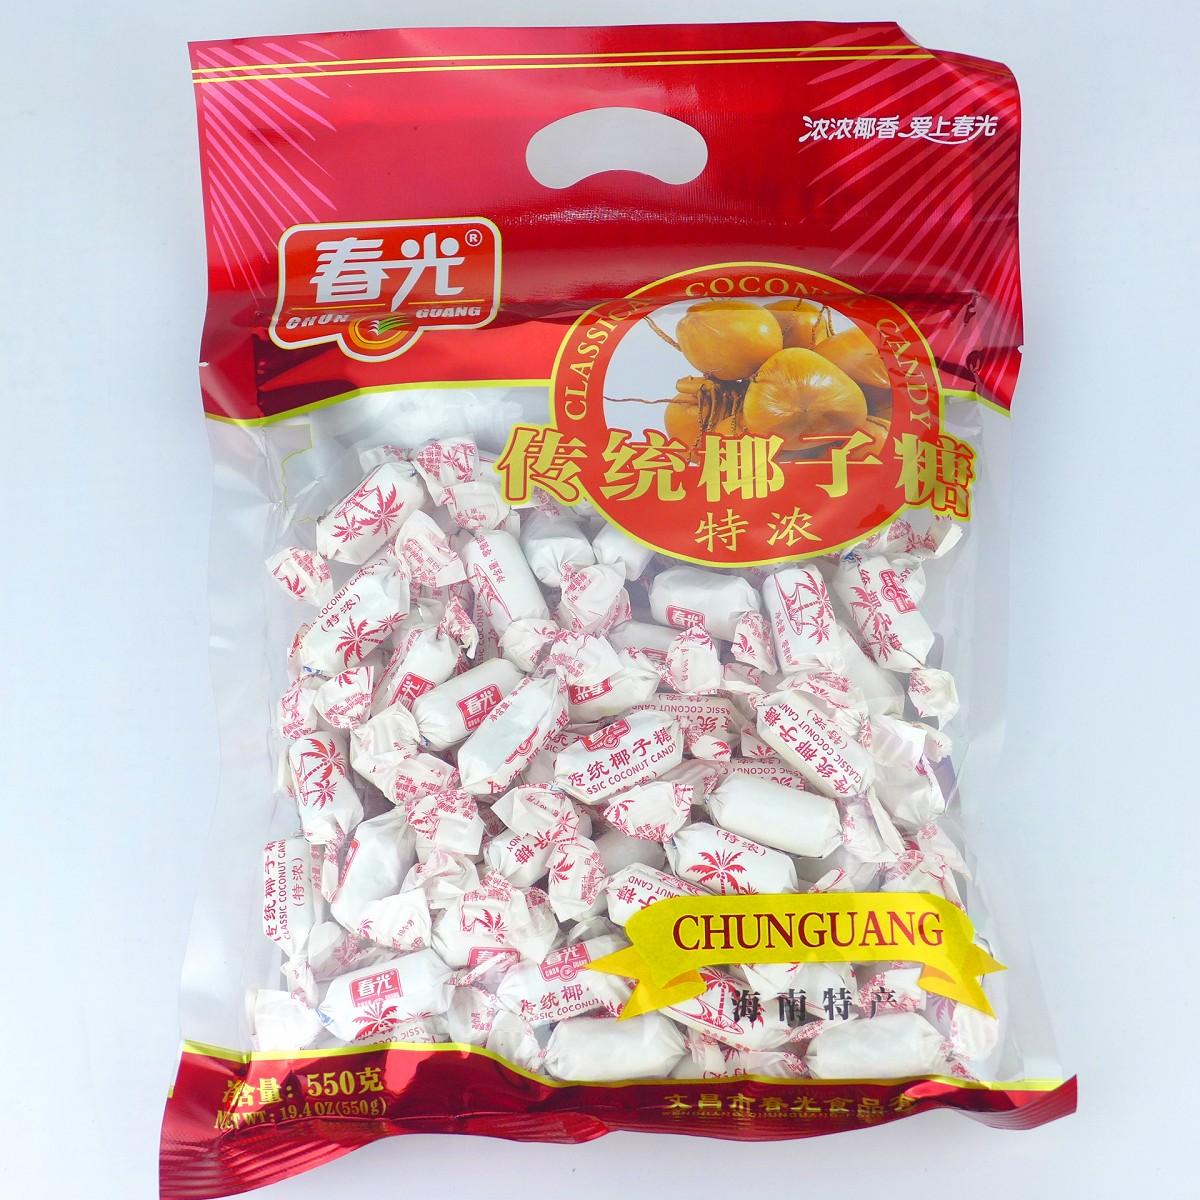 Хайнань специальности Молл, свыше 60 Защита электронной почты подлинной весной традиционных кокосовых конфет (эспрессо) 550 граммов